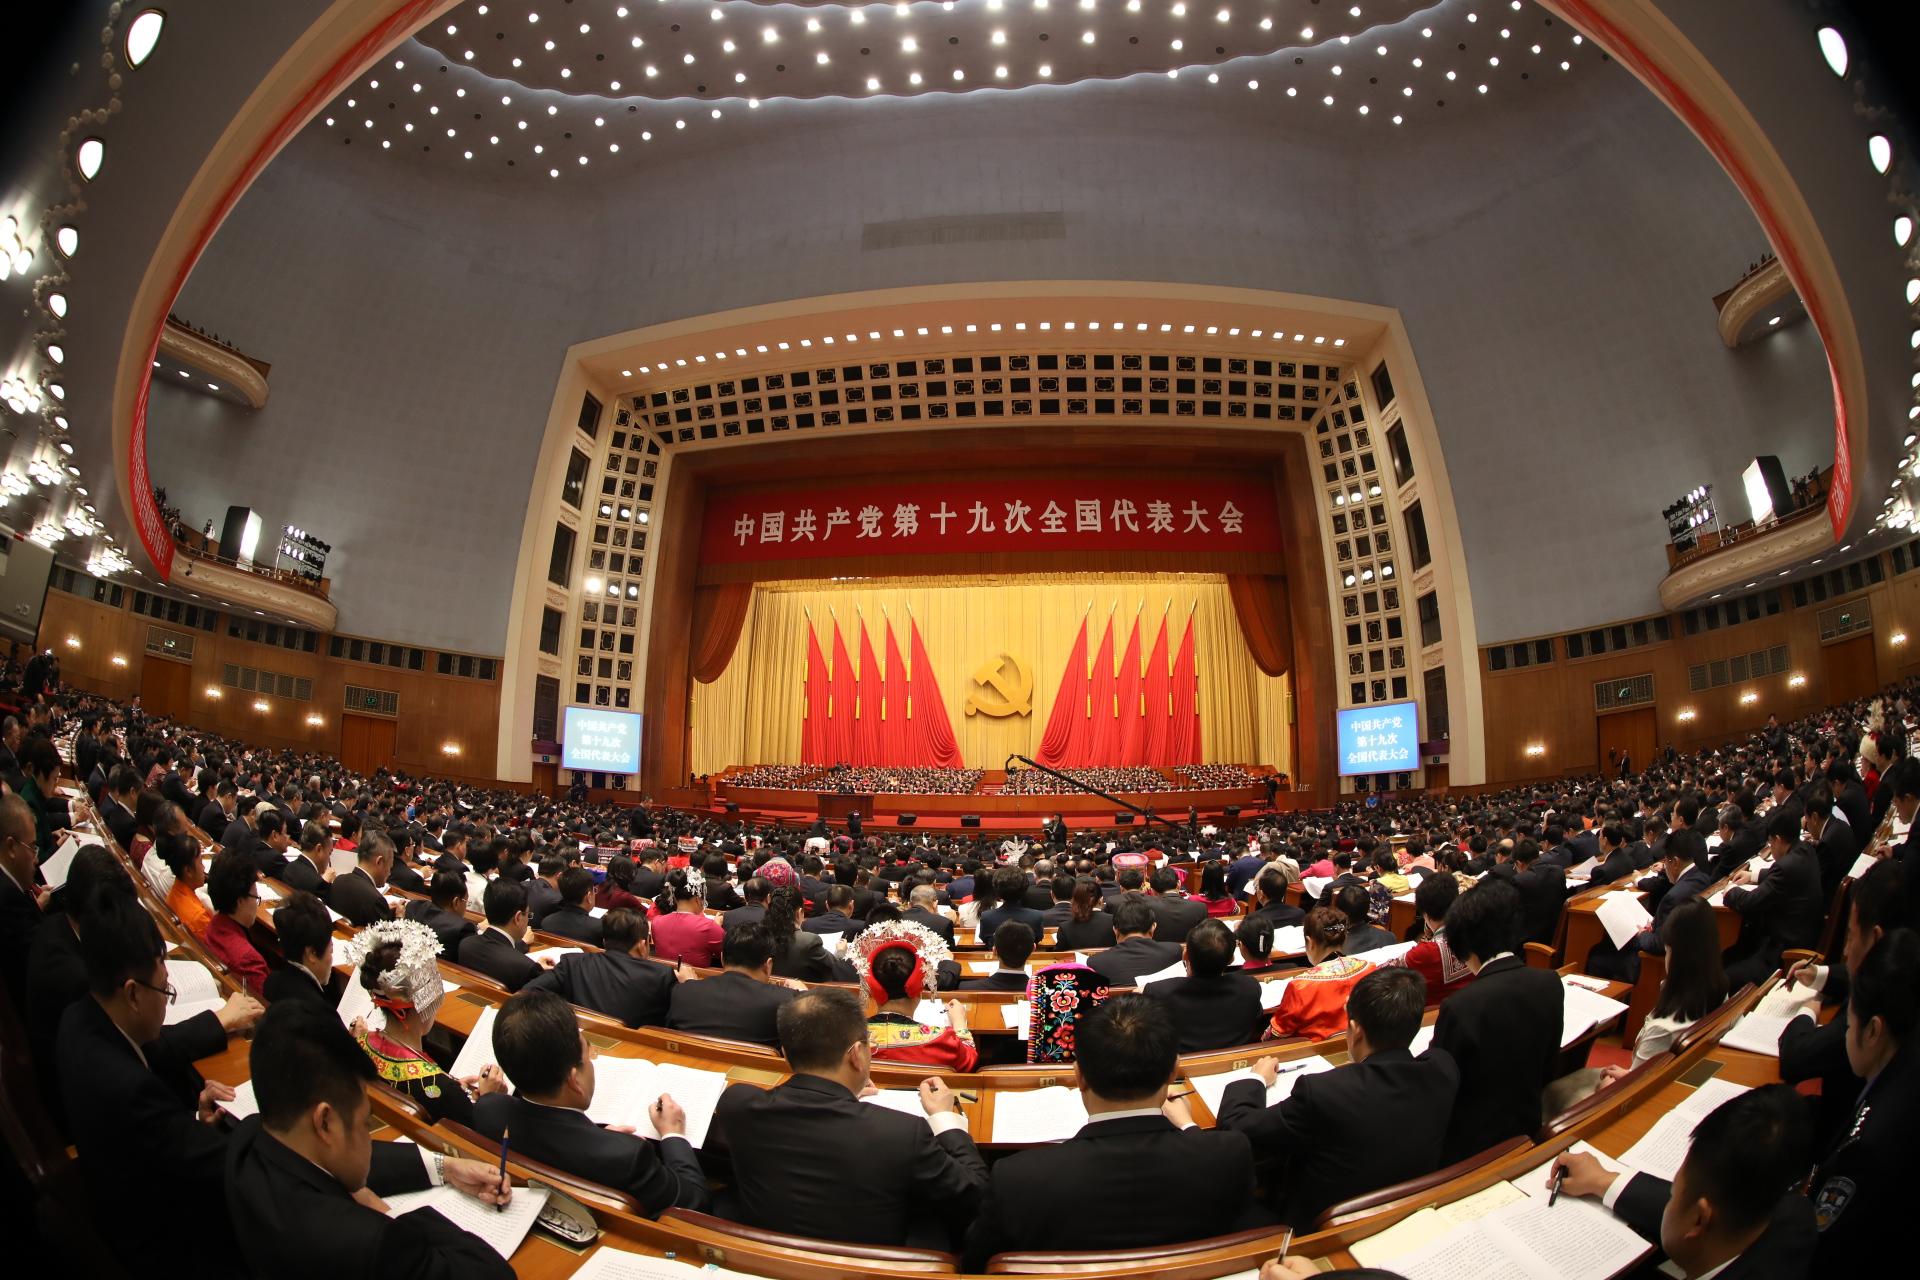 中国十八大报告_英媒看十九大:中国将更加积极地在国际舞台发挥作用_新闻中心